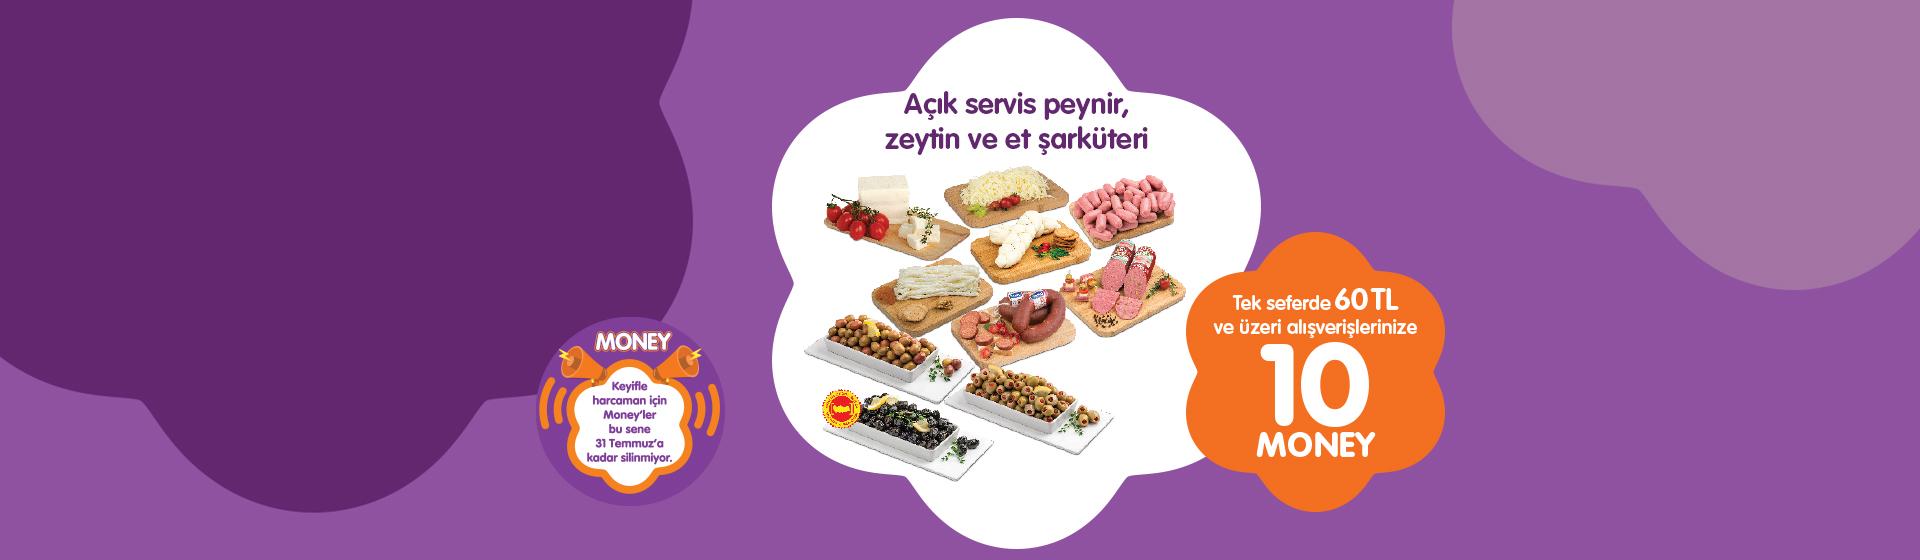 Açık Servis Peynir, Zeytin, Et Şarküteri Money Kampanyası